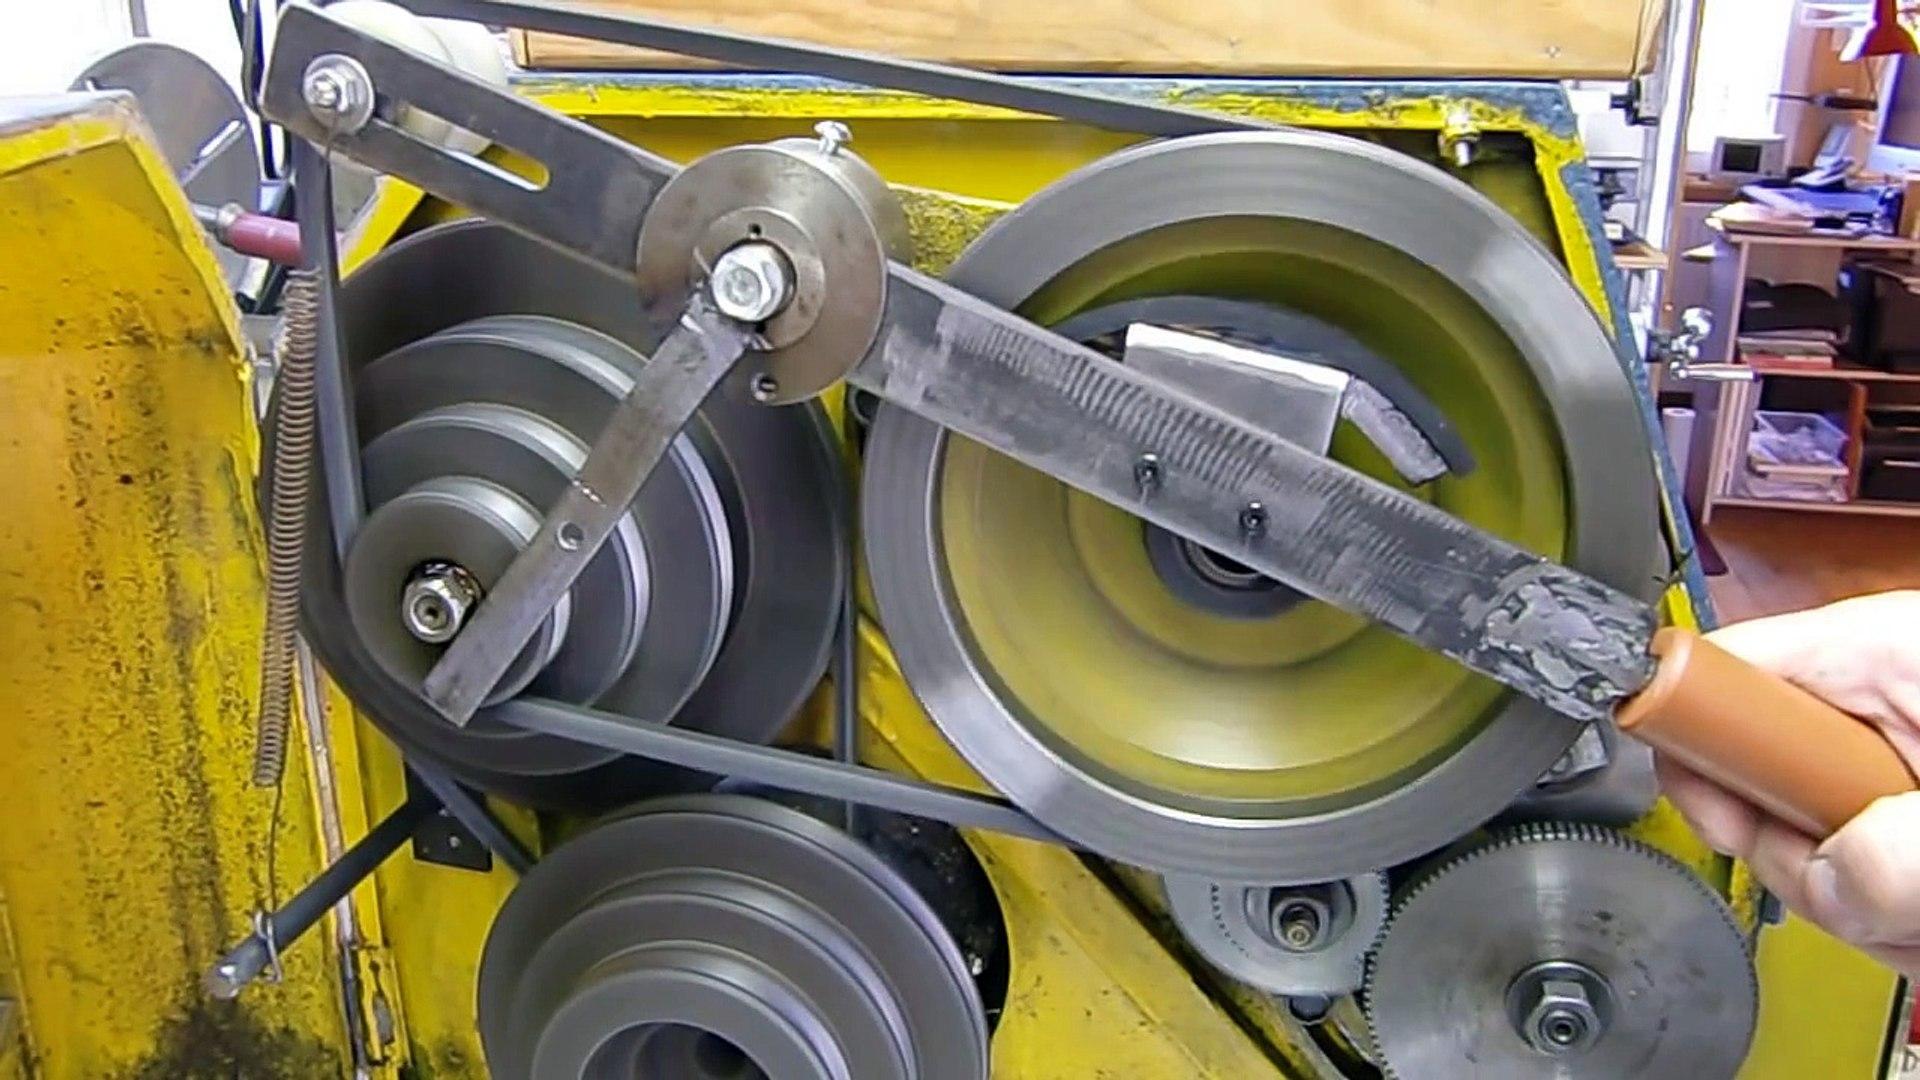 Drehmaschine Bv20 L Spindel Schnellstoppeinrichtung Video